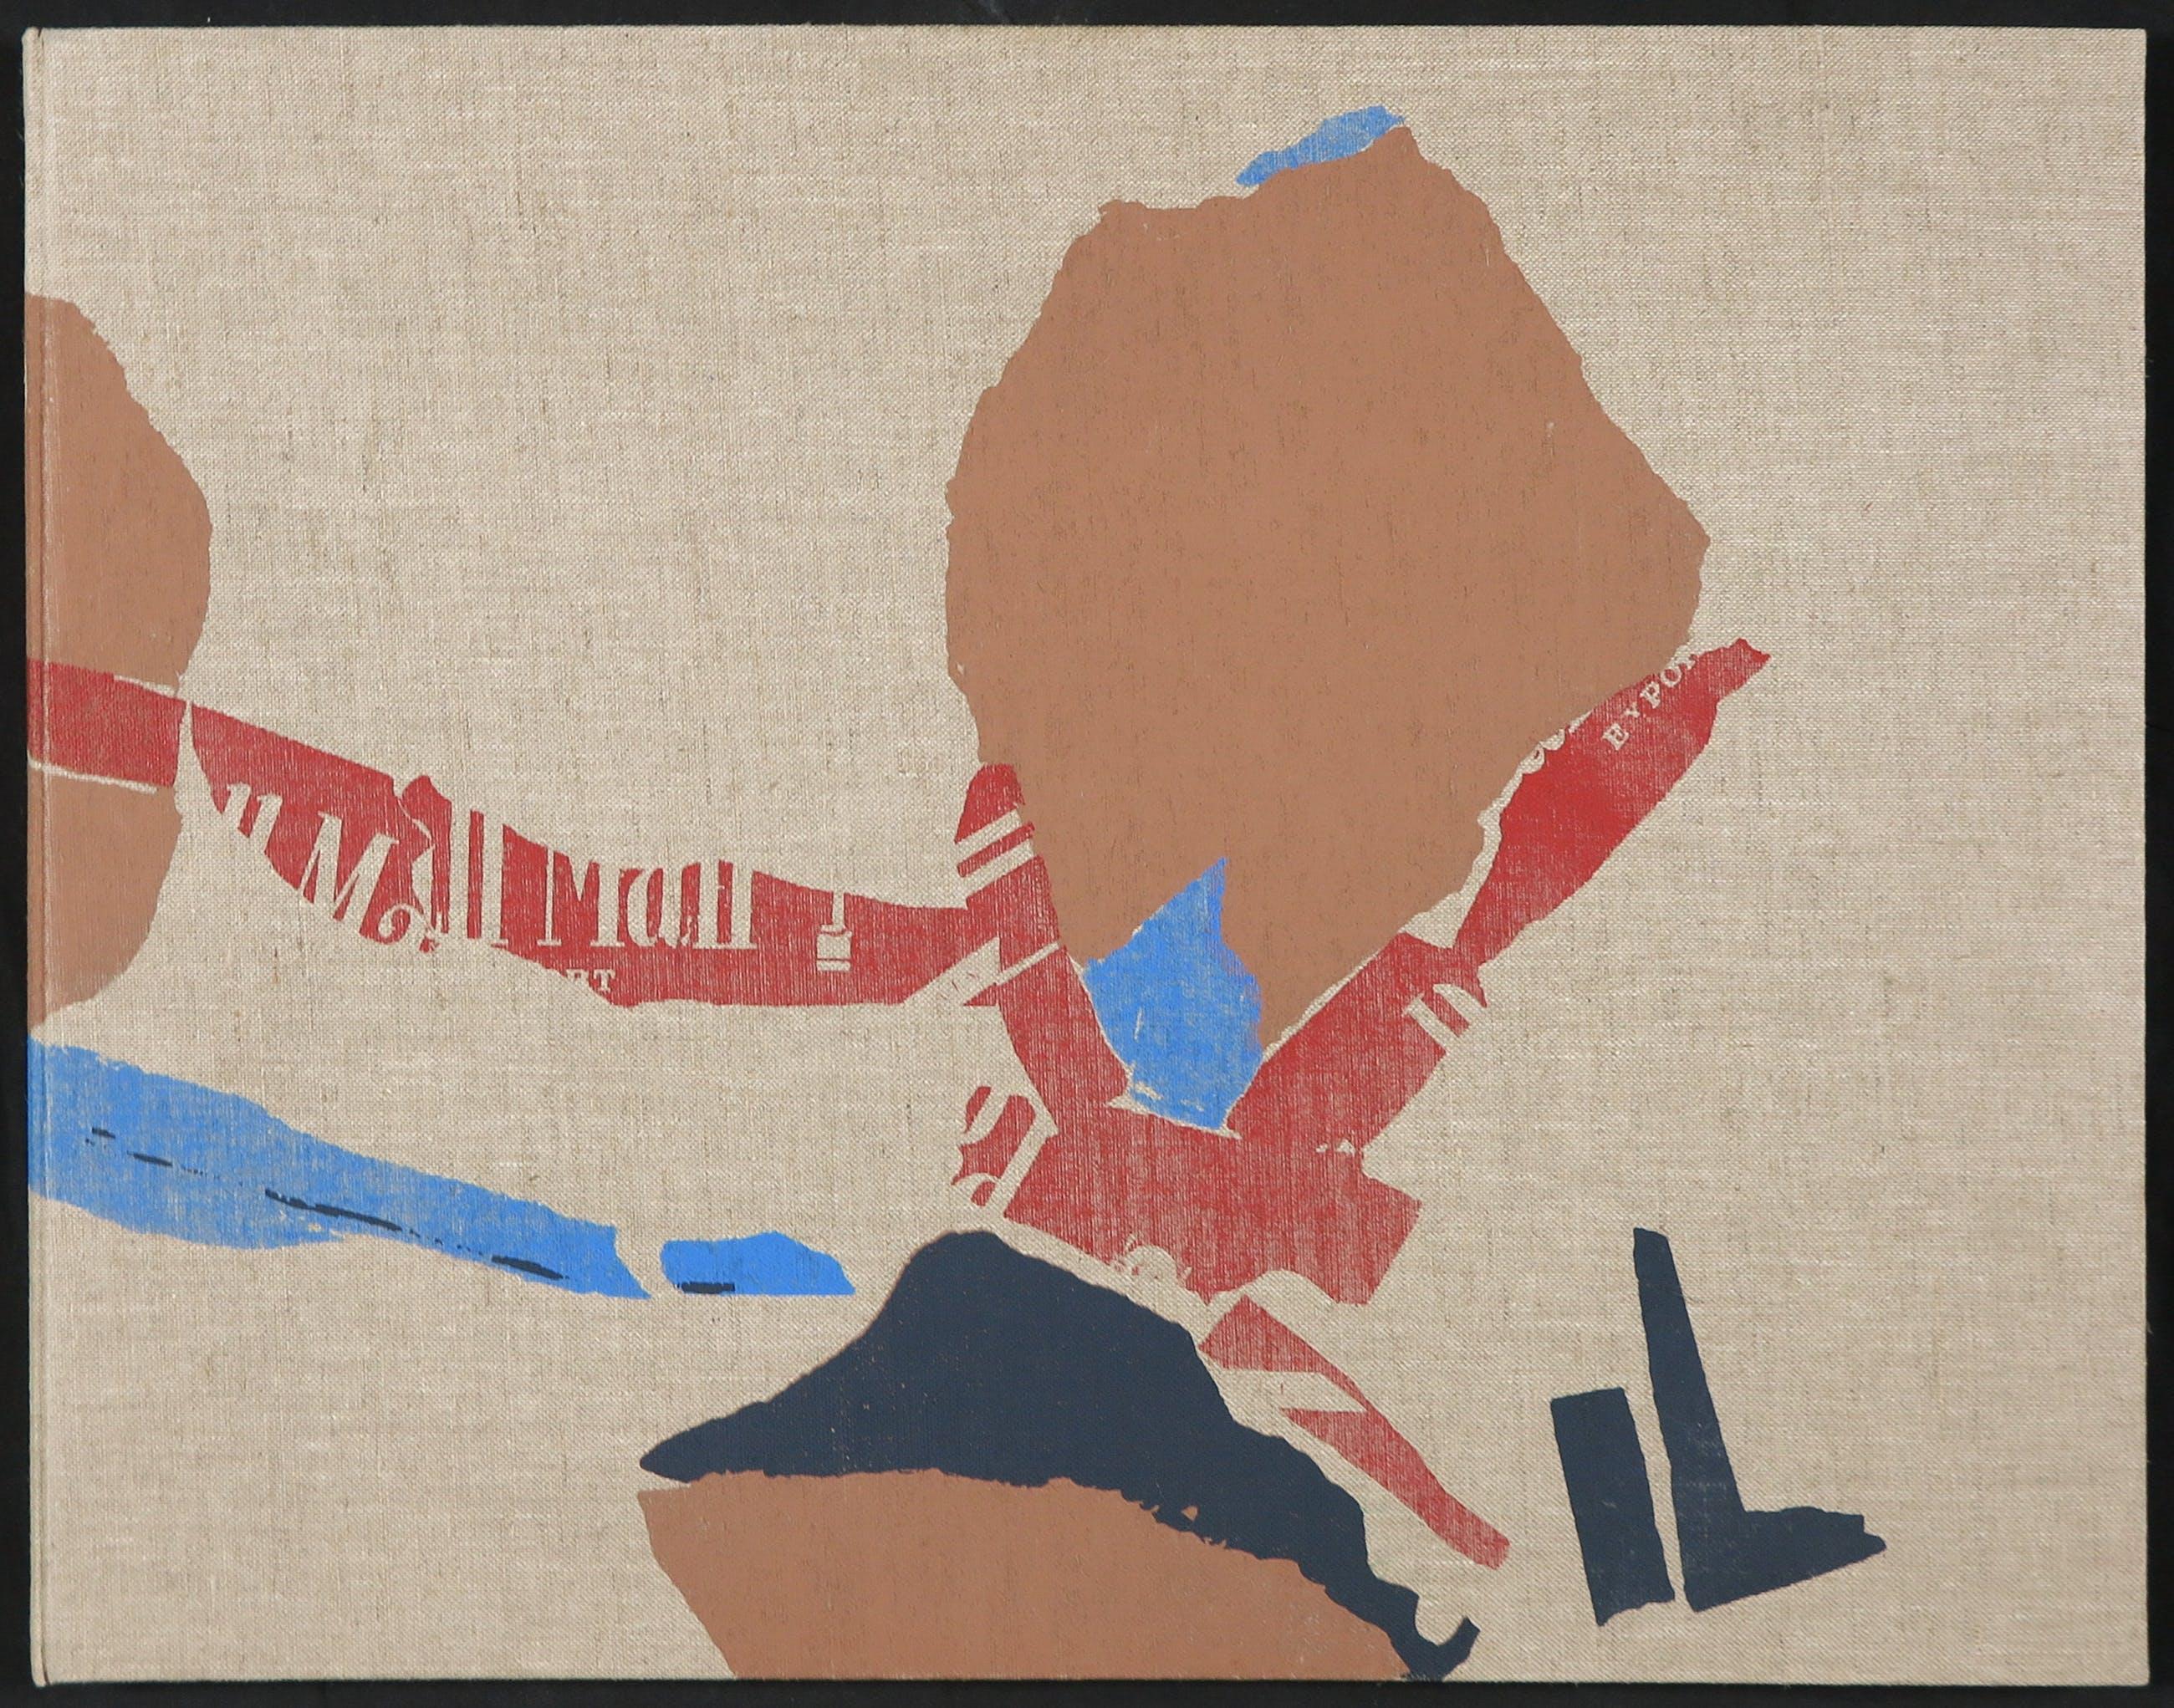 Wessel Couzijn - 12 drukken in gemengde techniek in originele map, IL, Steenschrijvers deel 2 kopen? Bied vanaf 400!